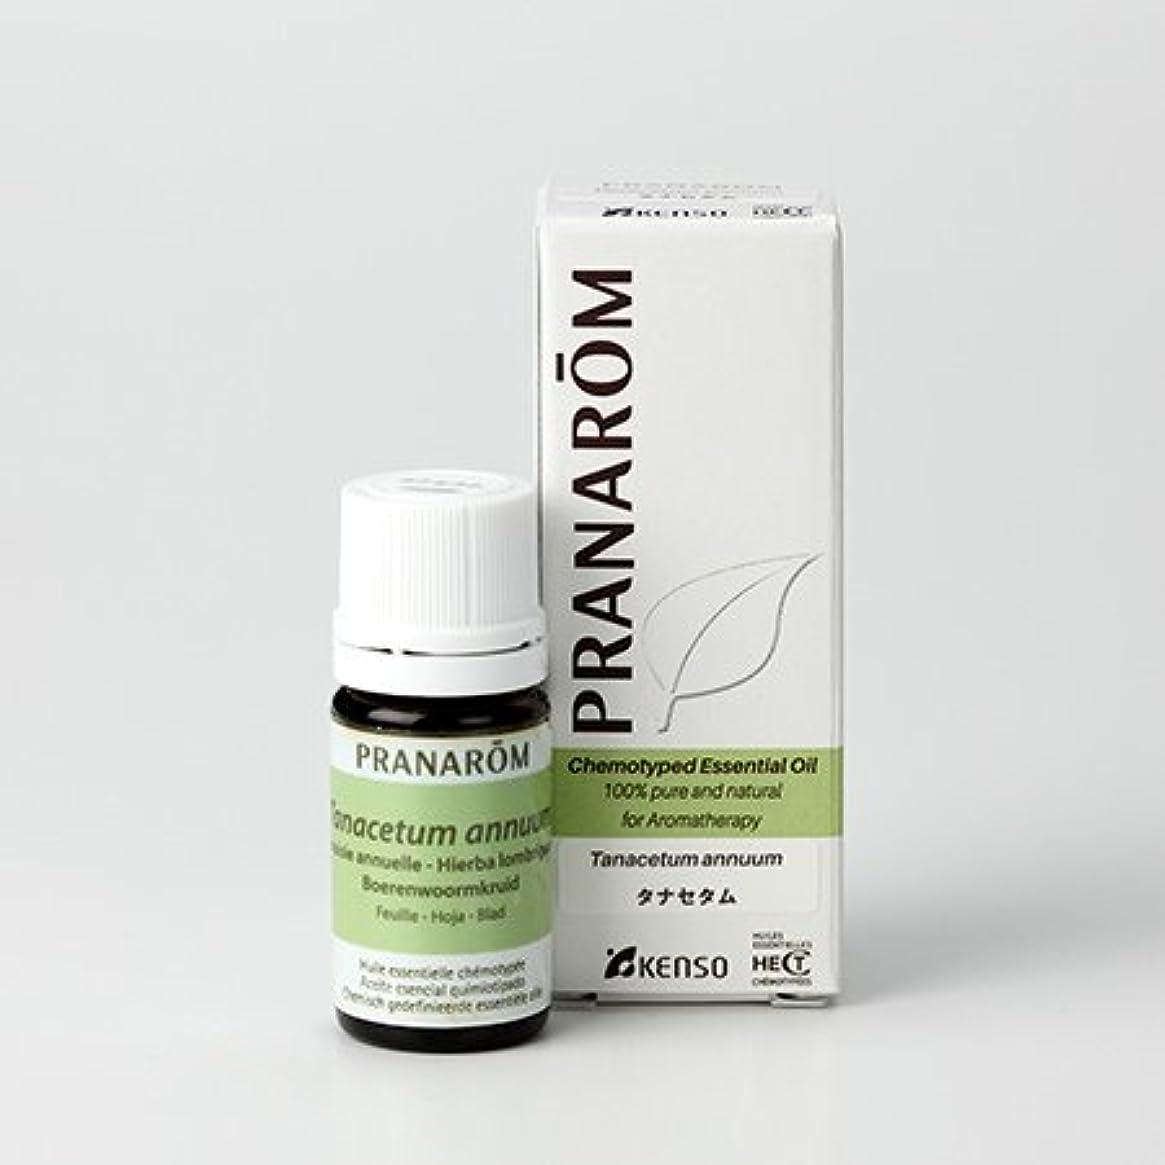 目に見える流用する研磨プラナロム タナセタム 5ml (PRANAROM ケモタイプ精油)